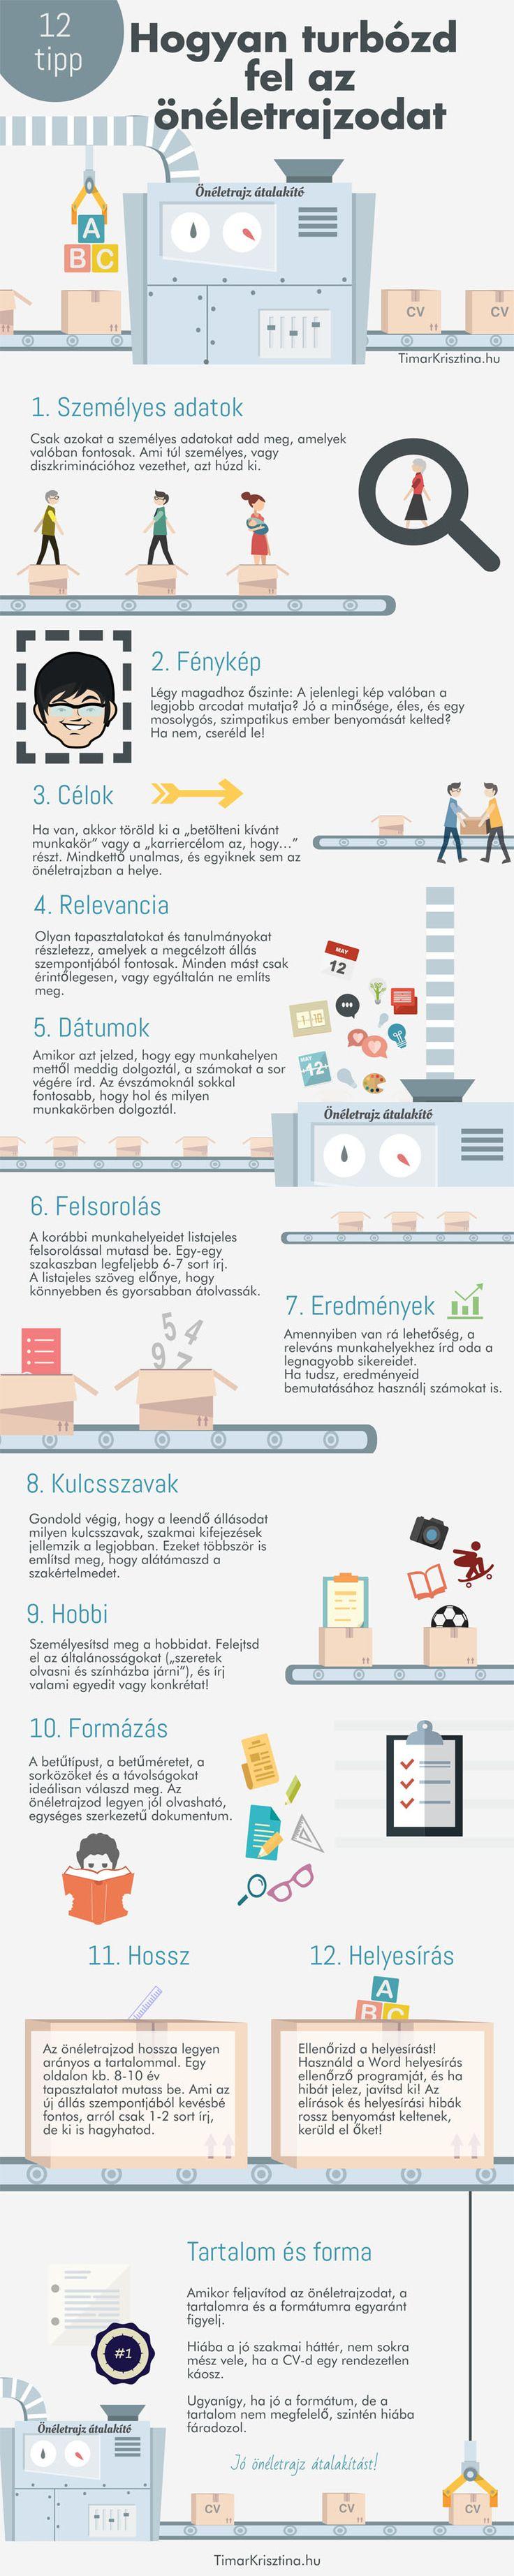 12 tipp, hogyan turbózd fel az önéletrajzodat - Timár Krisztina #infografika #infographic